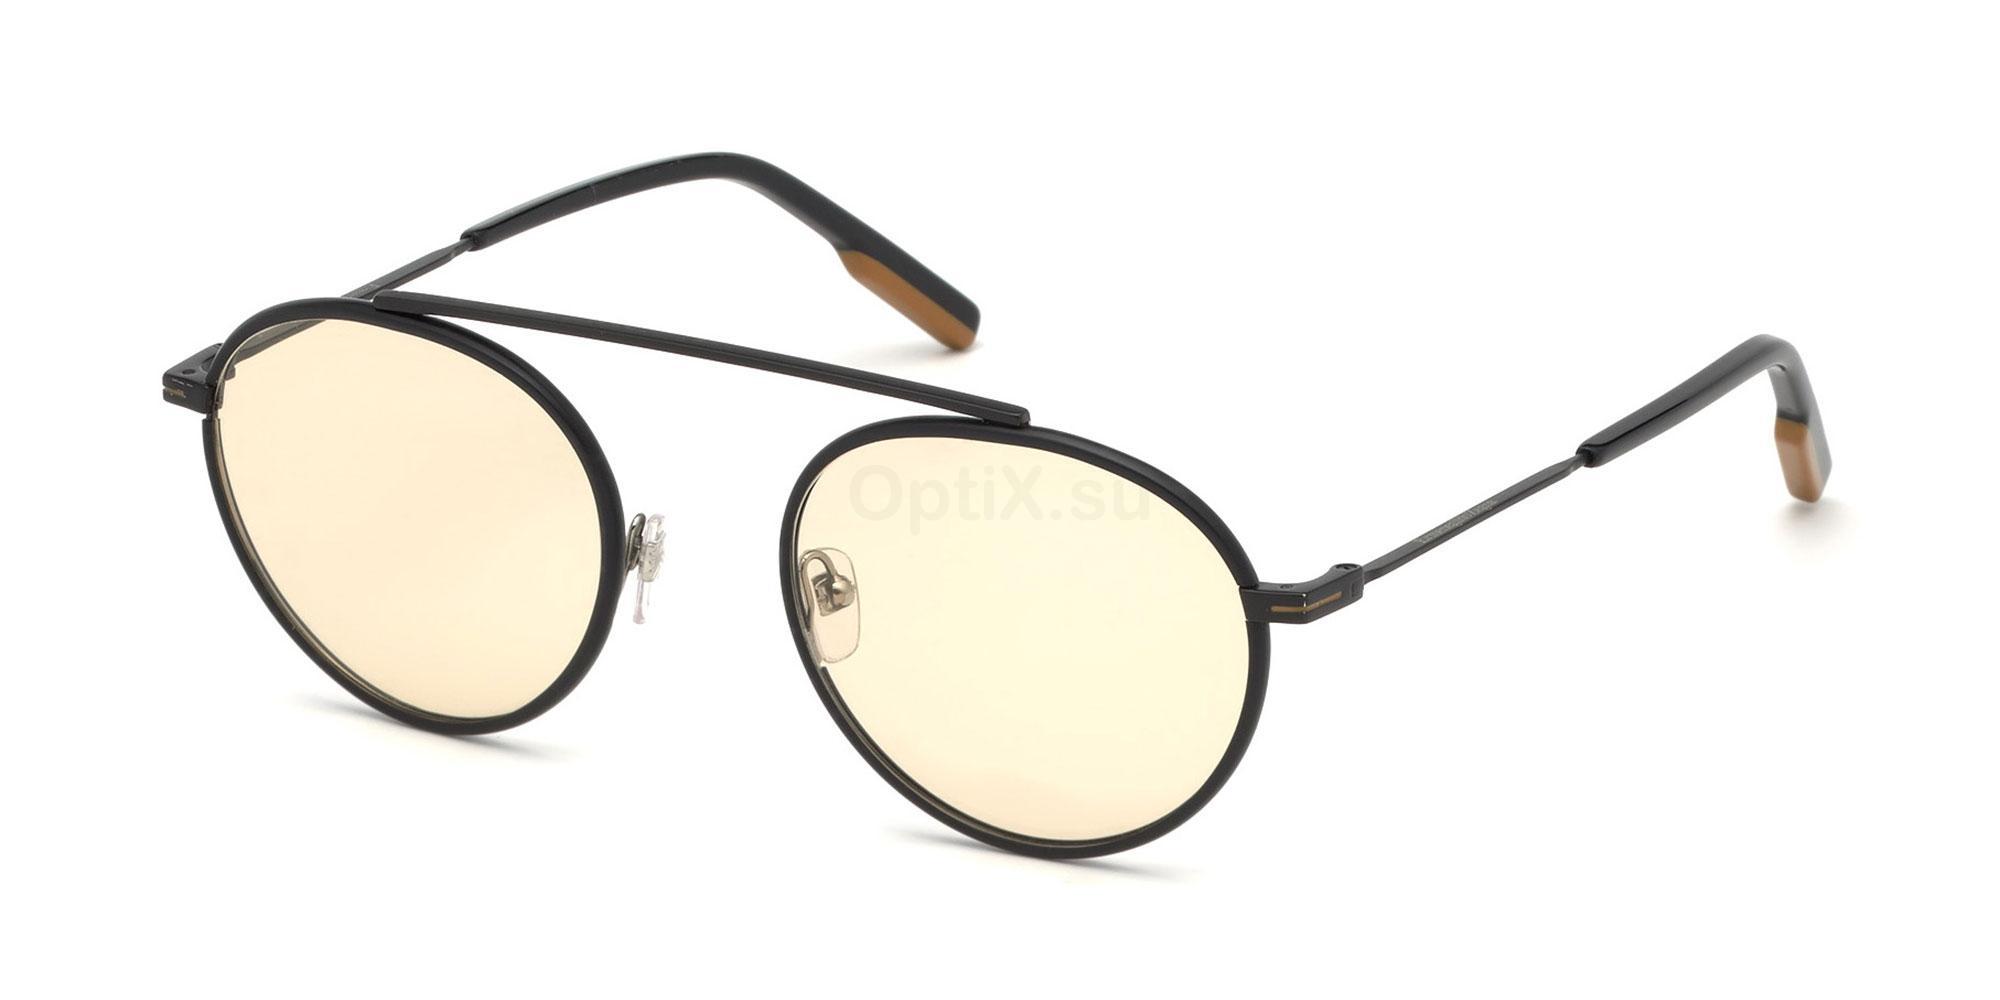 005 EZ5163 Glasses, Ermenegildo Zegna